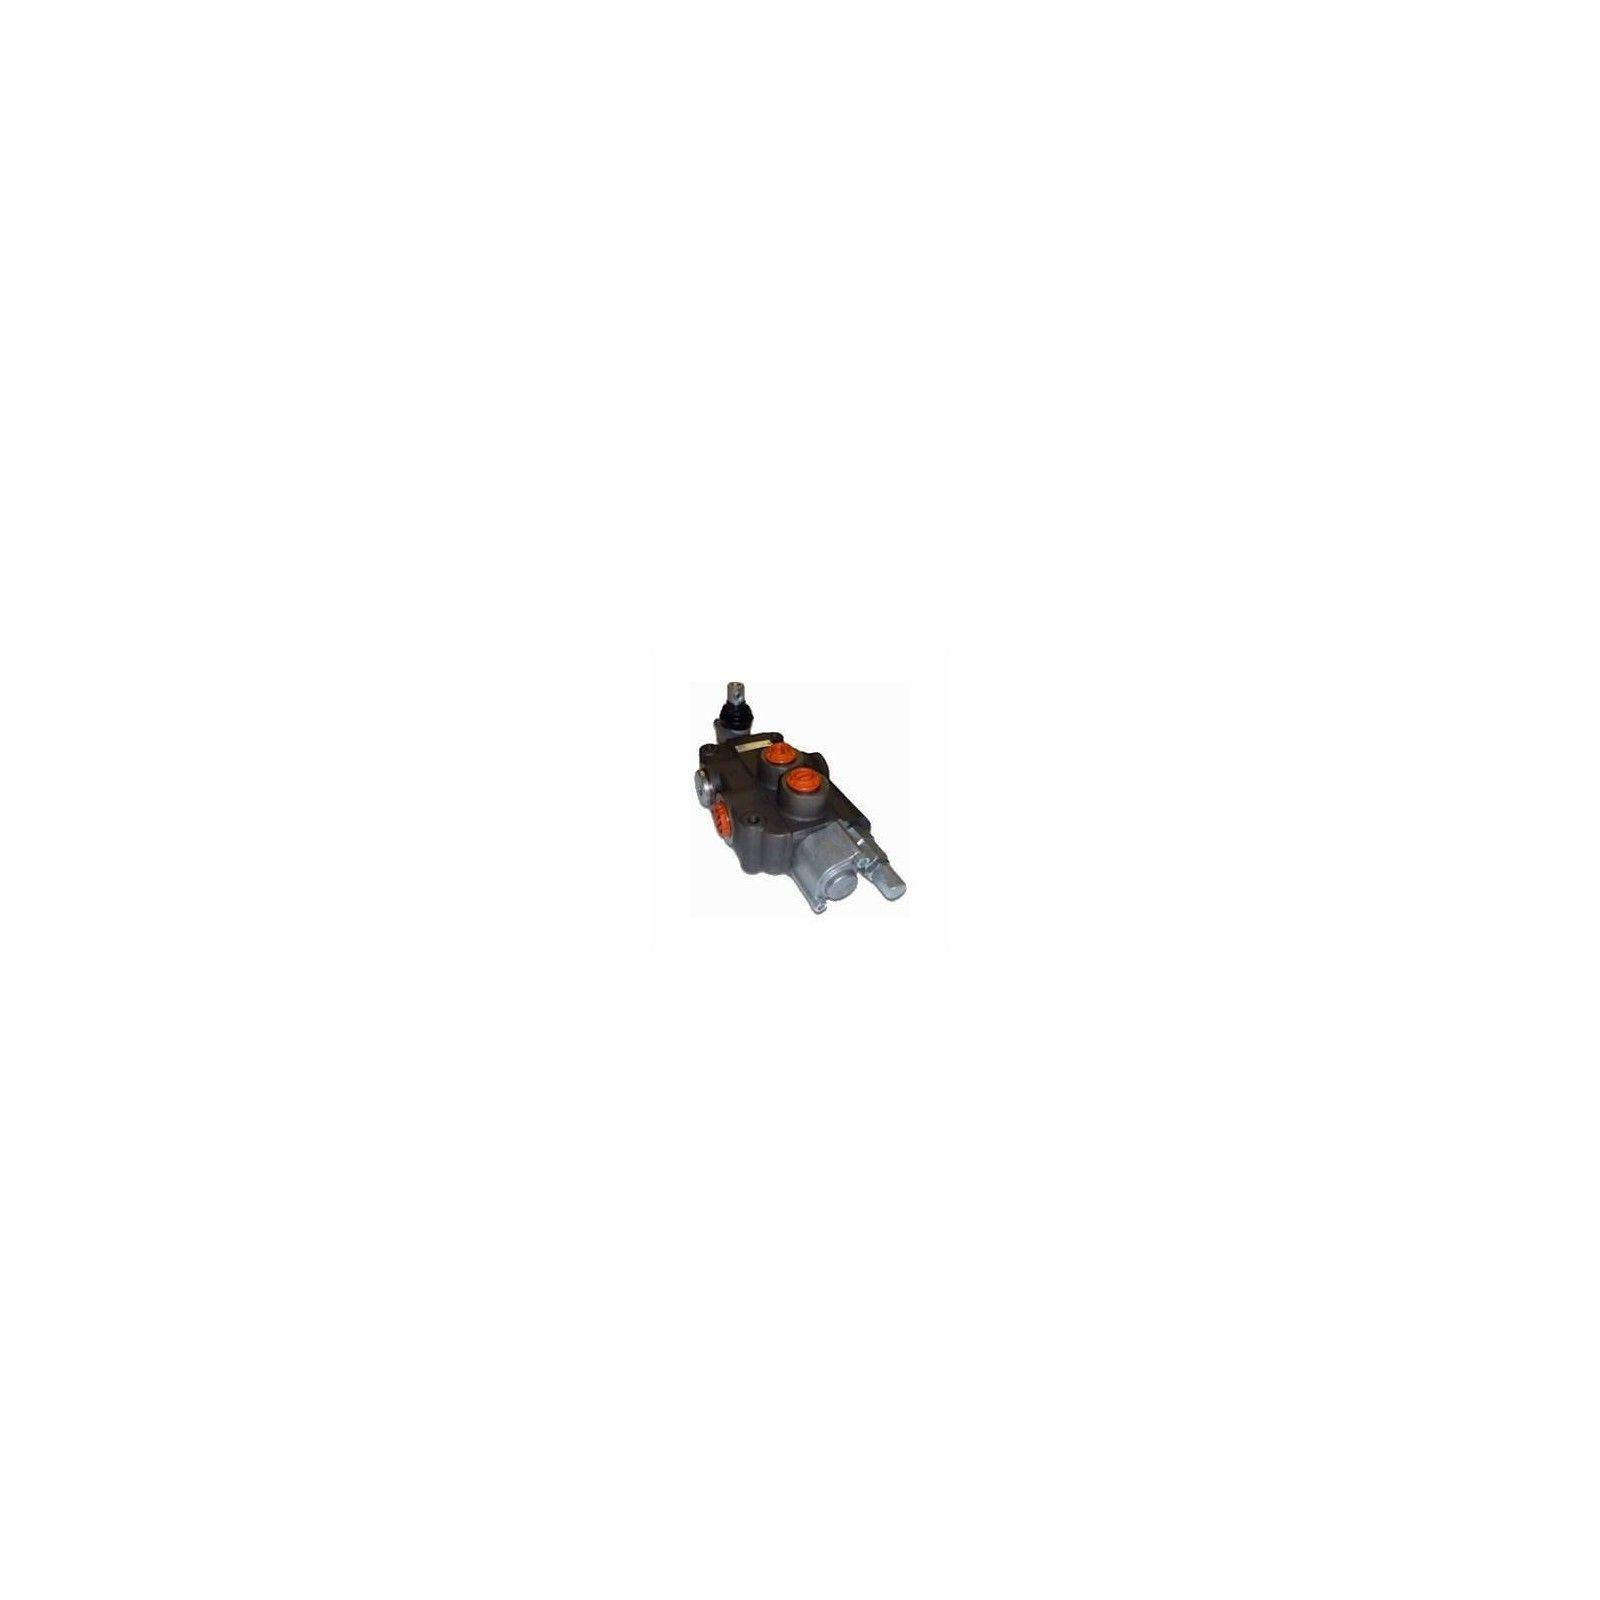 distributeur fendeuse - DM 80 SIMPLE VITESSE - 80 L/MN DM801 157,73 €